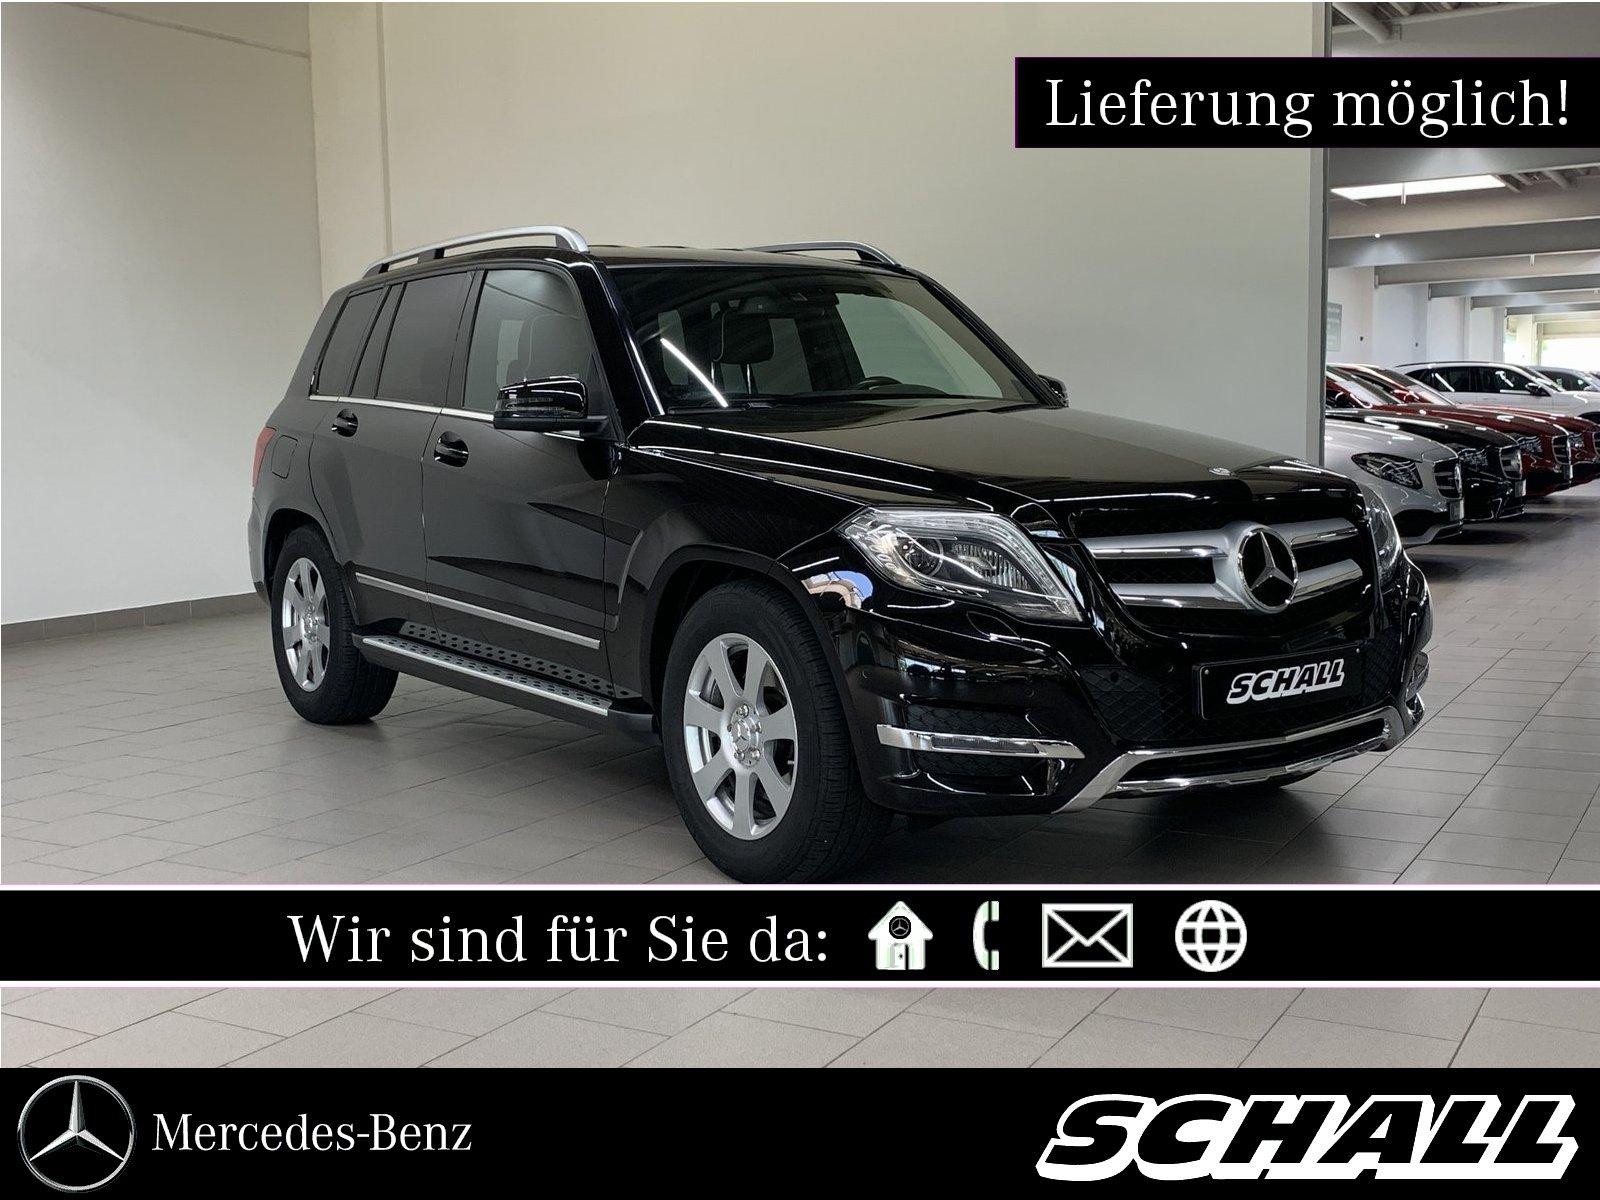 Mercedes-Benz GLK 250 BT 4M AHK+STANDHZ+ILS+MEMORY+PARKTRONIC, Jahr 2015, Diesel